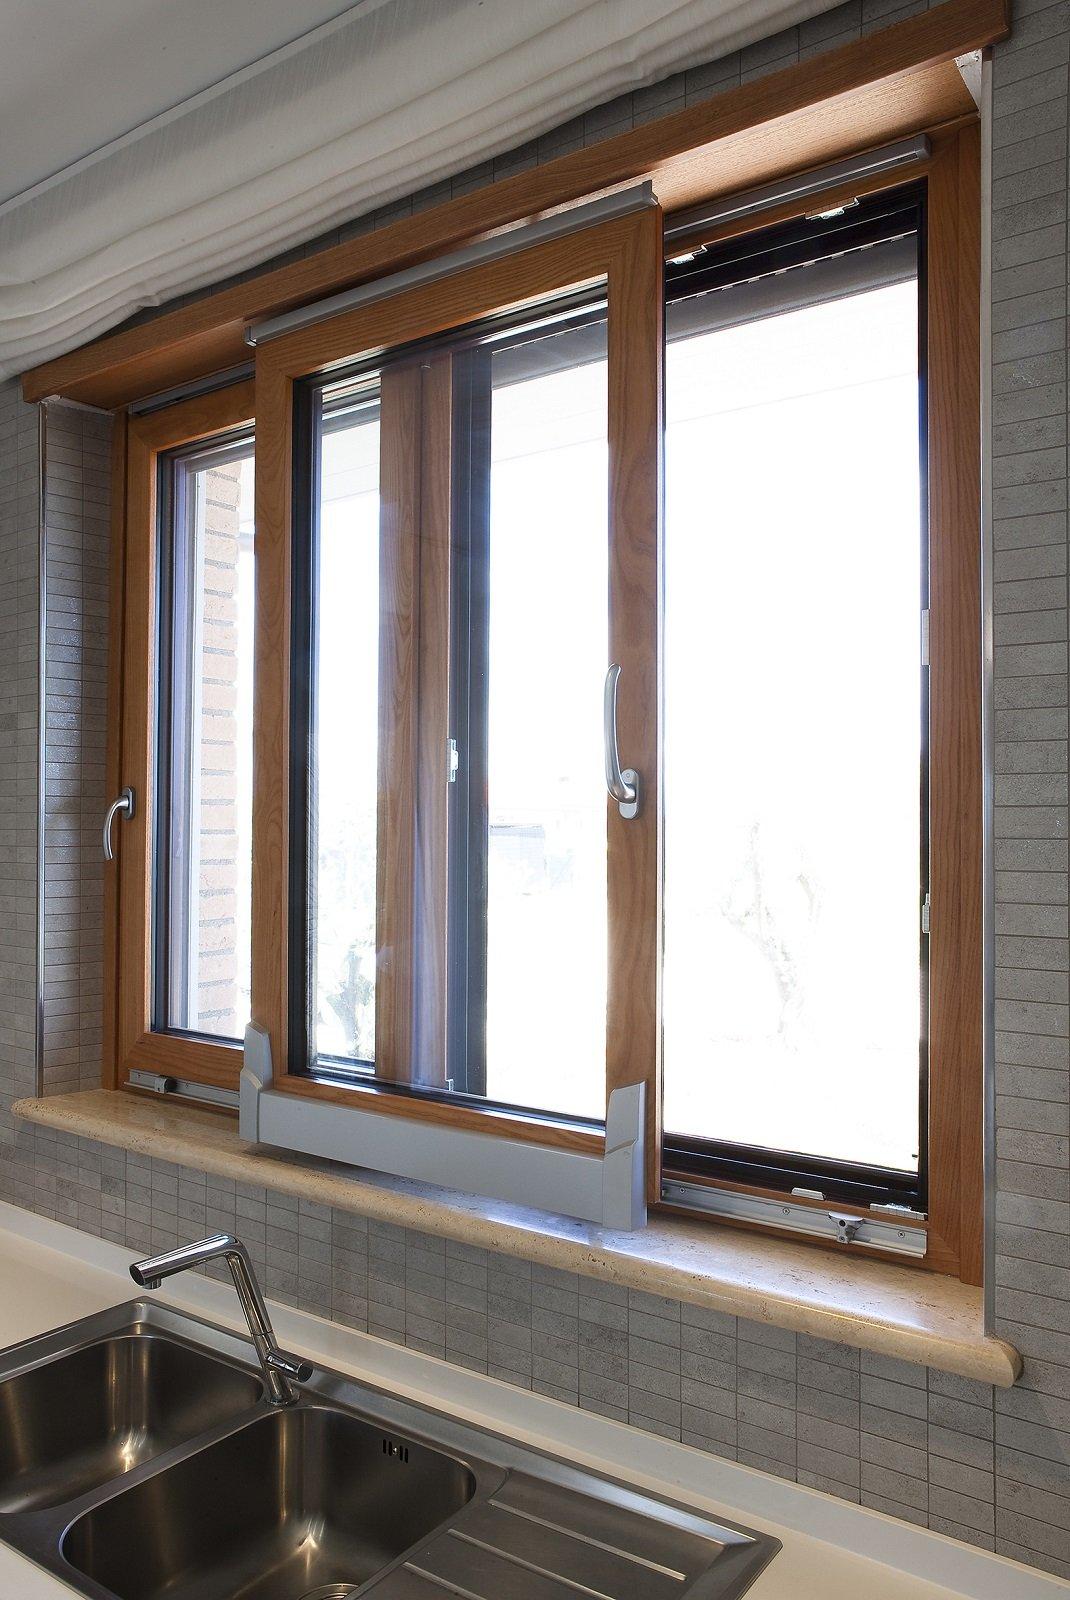 Finestre con ridotti profili per tanta luminosit nell 39 ambiente - Finestre in legno prezzi ...